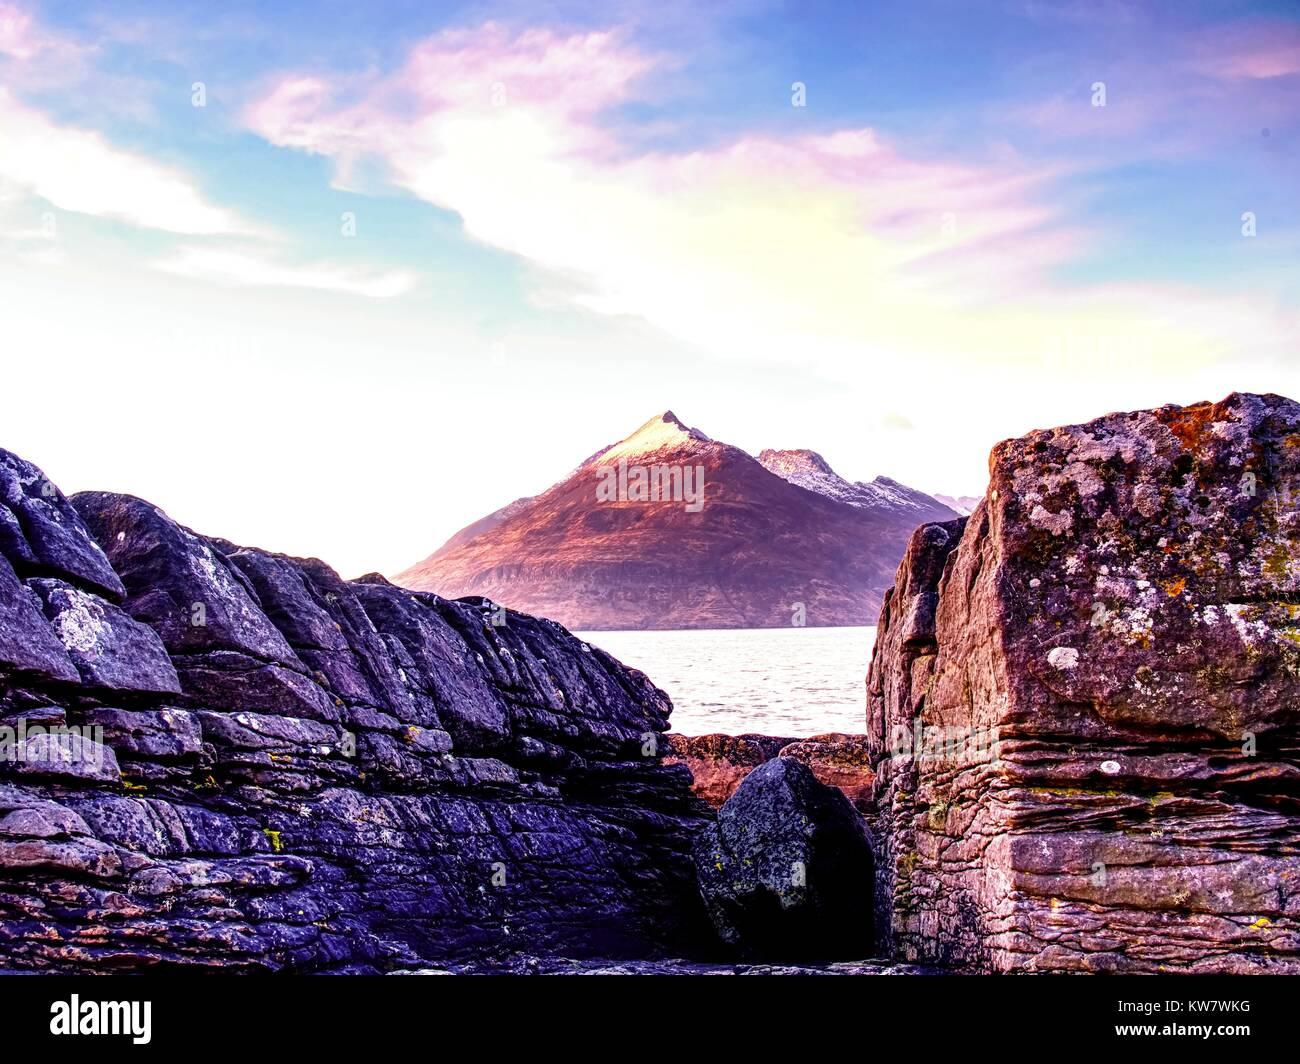 Die steinigen Strand und Steilküste von felsigen Bucht. Blaue Farbtöne von Februar Sonnenuntergang, rosa Stockbild